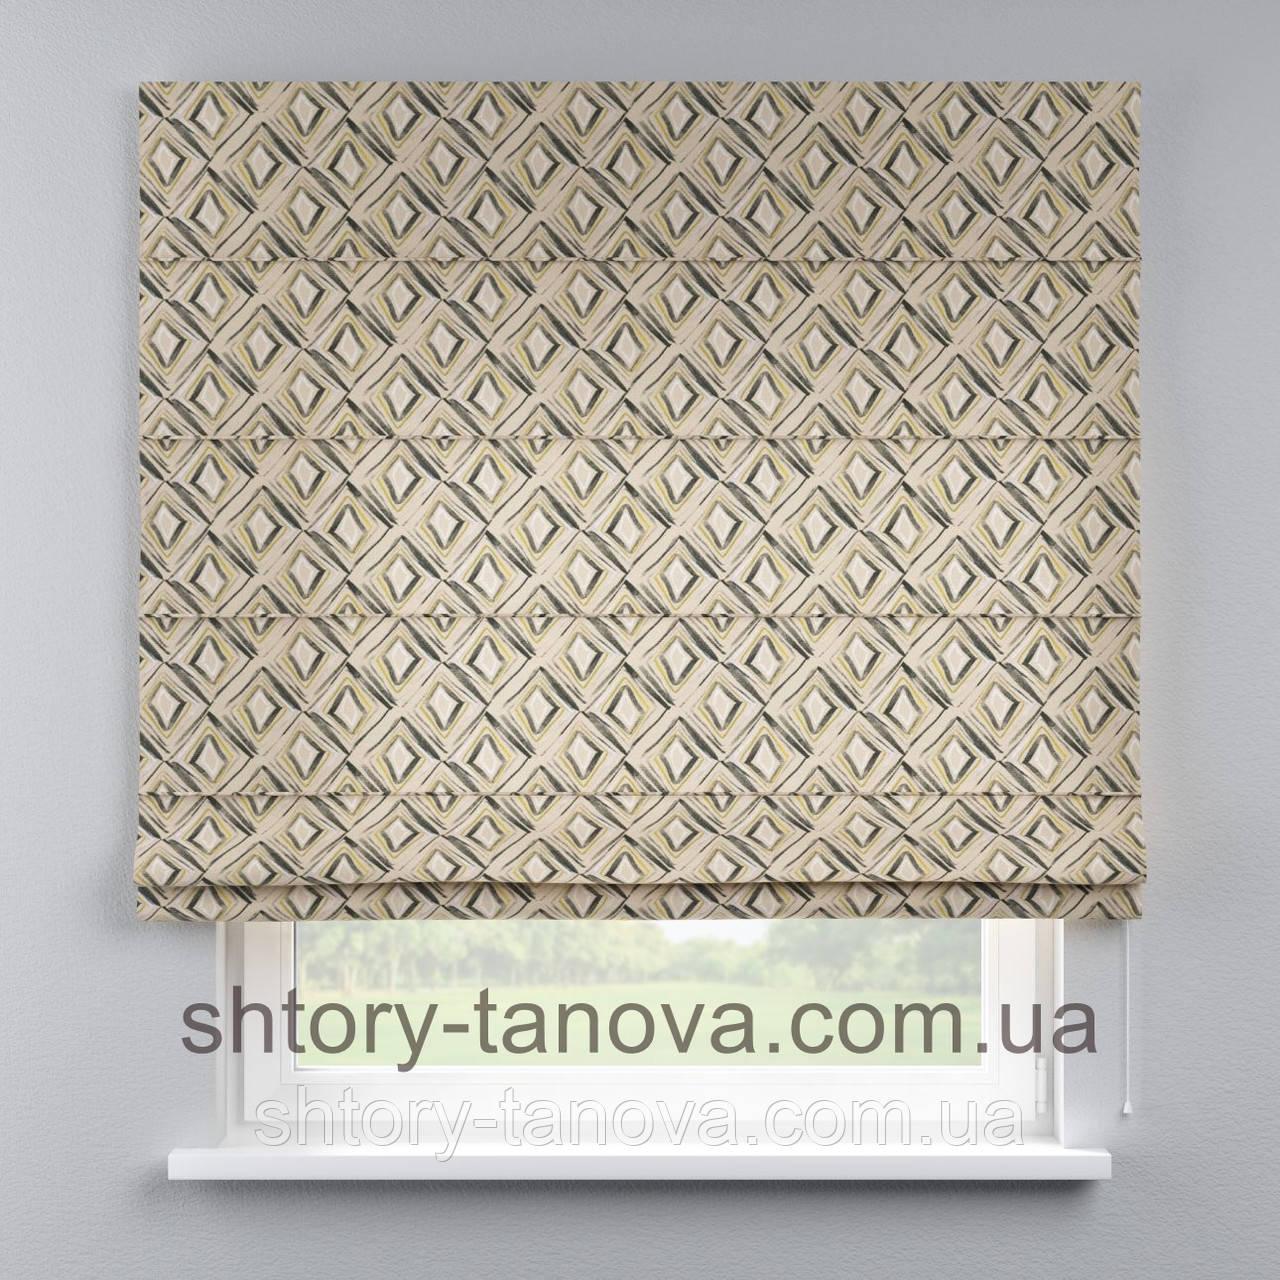 Римская штора с принтом, ромбики 160x170 см